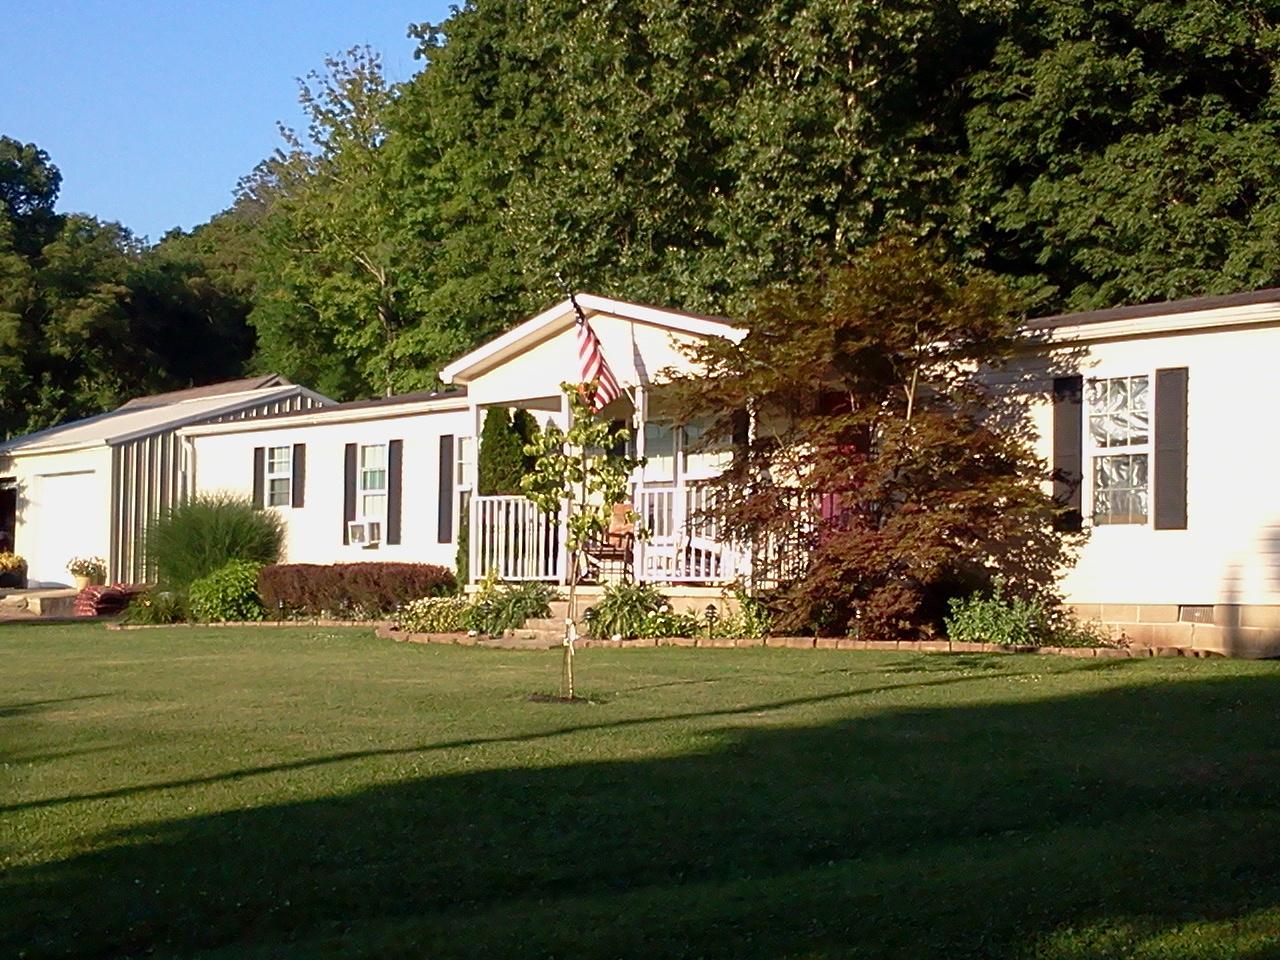 1496 Marietta Rd., Chillicothe, Ohio 45601